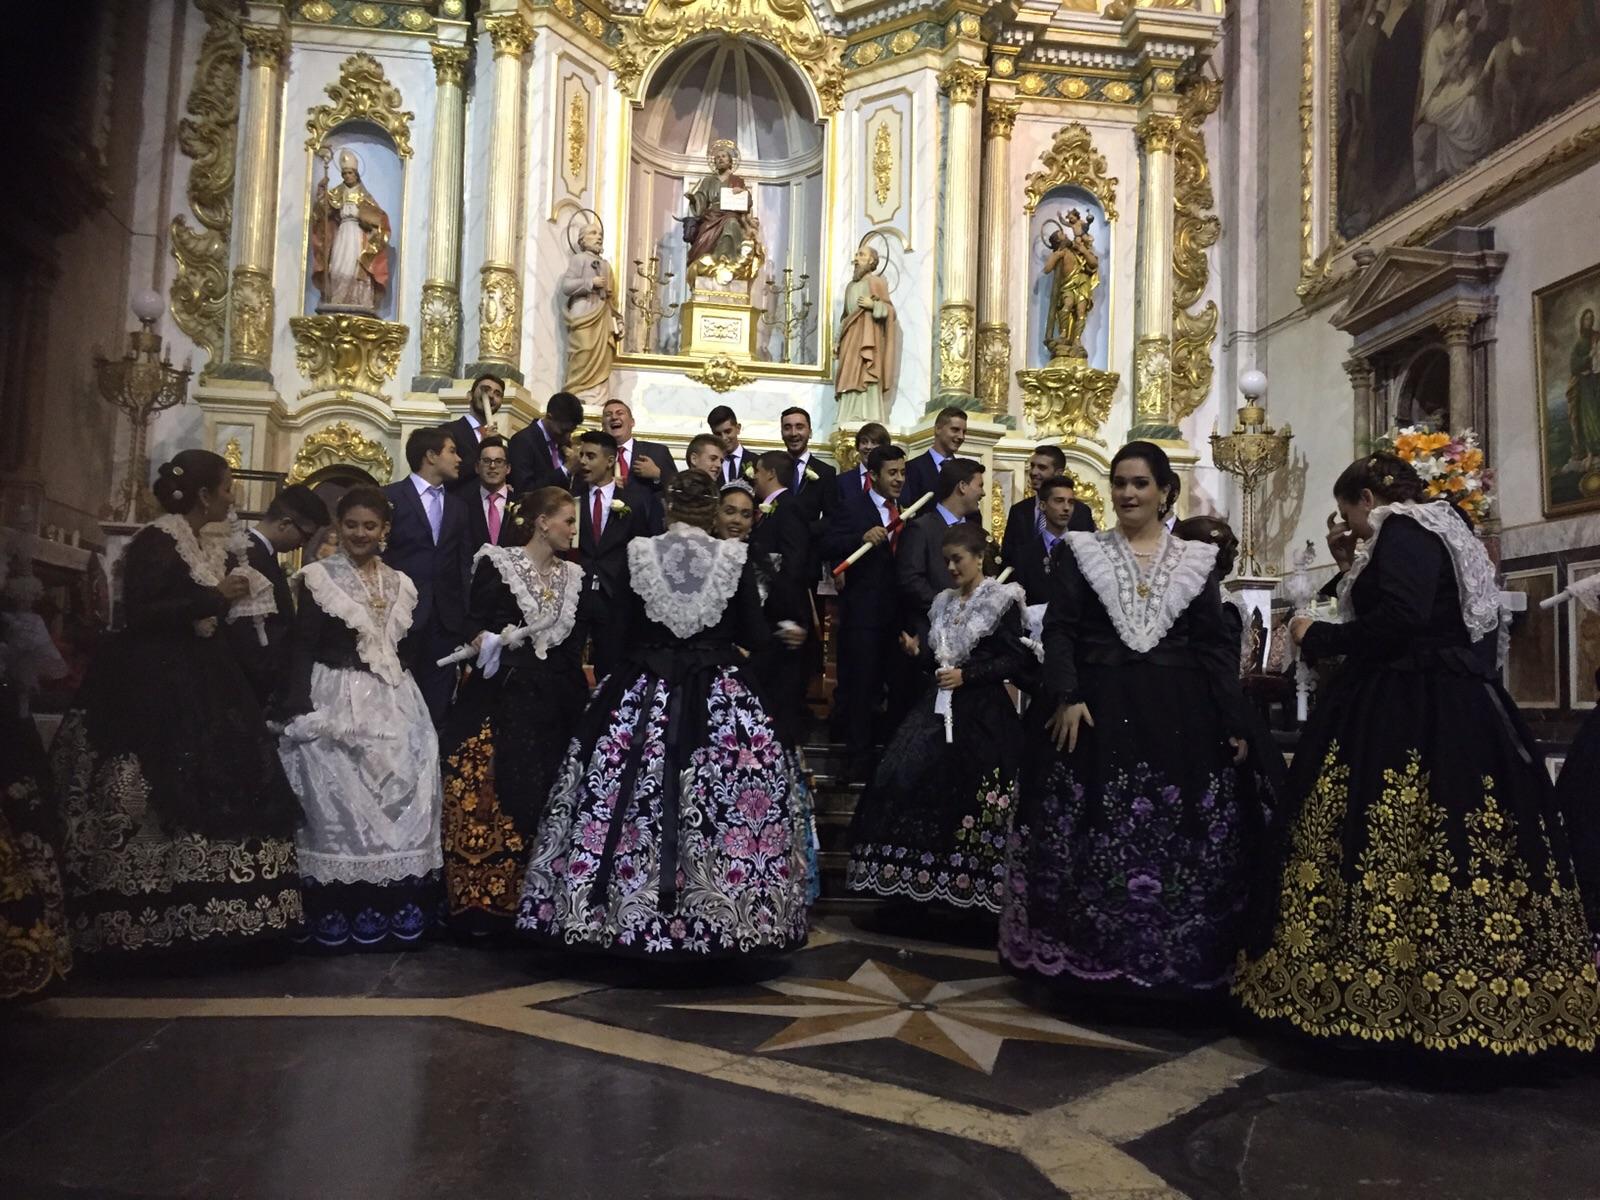 Los chicos y chicas de la Vendimia antes de comenzar la procesión en honor a San Lucas